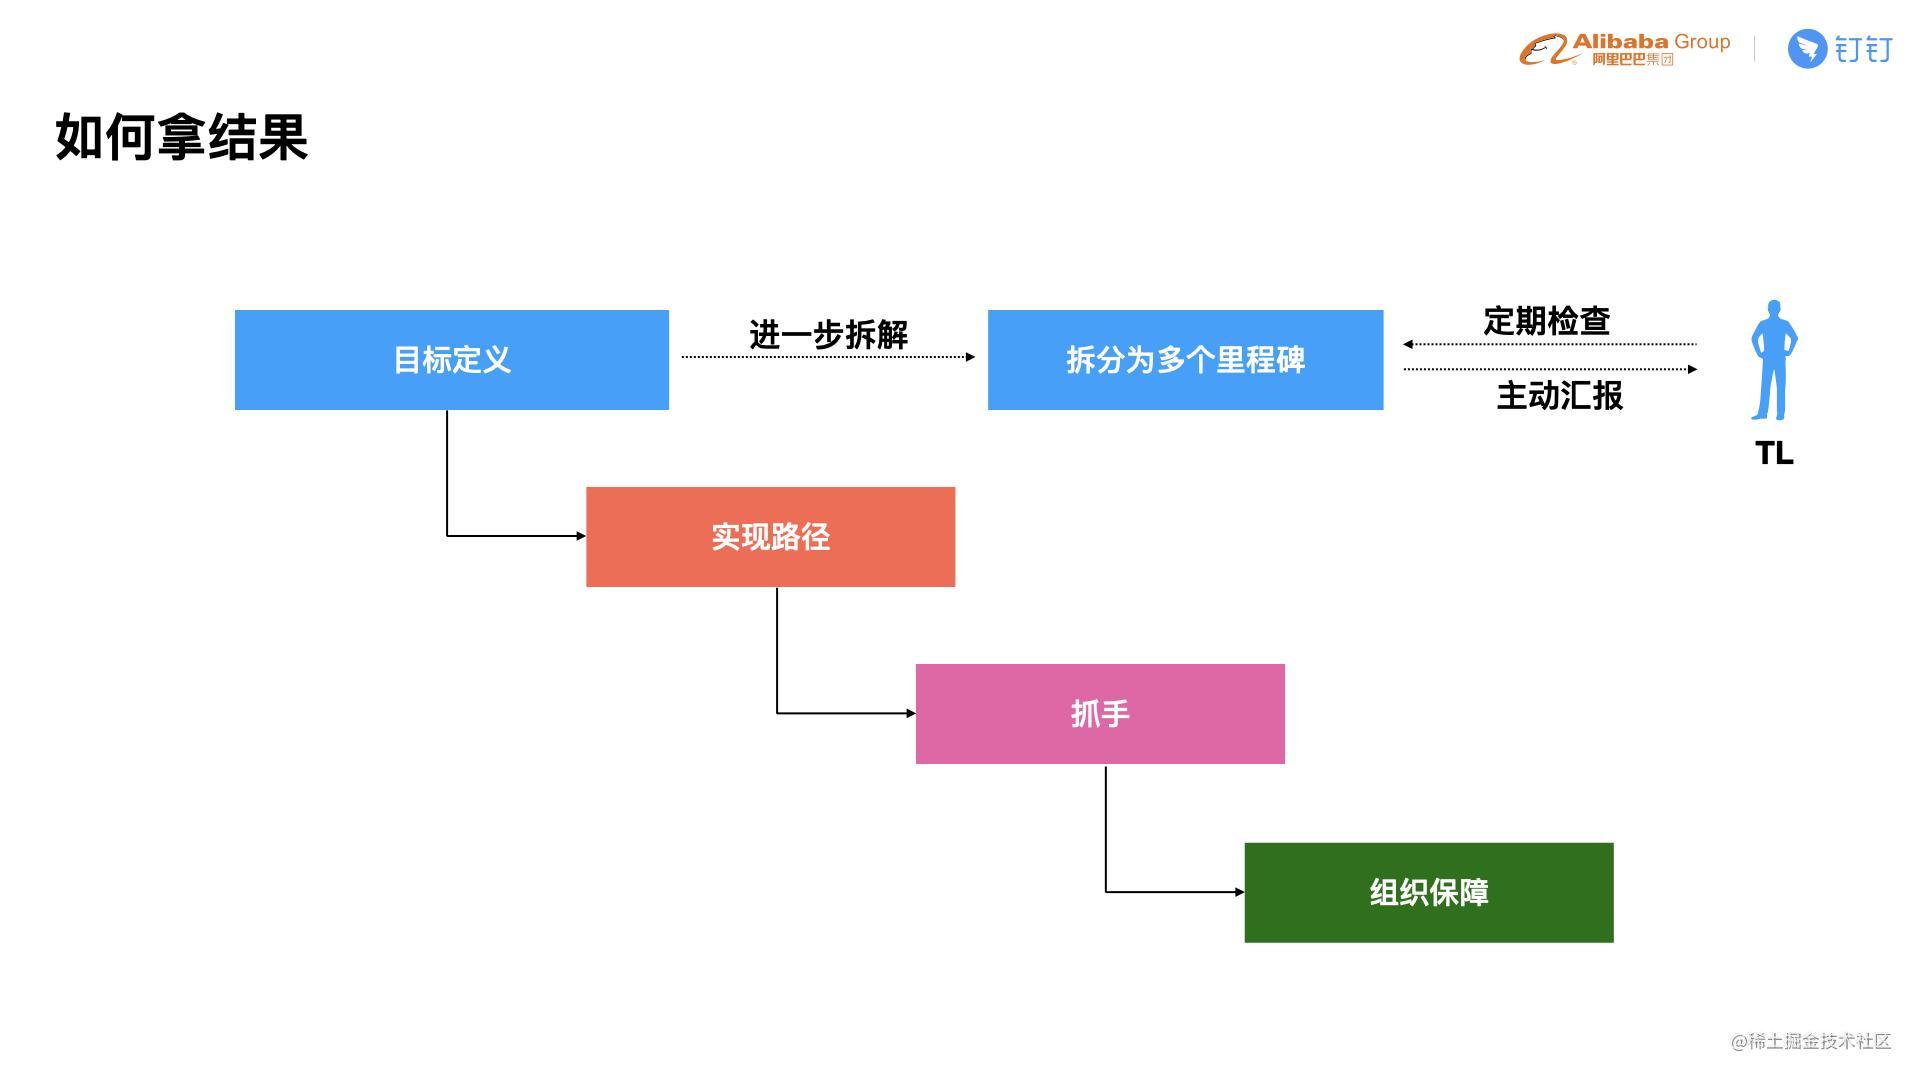 C4-4 贵重-如何在团队中培养出更多的前端技术专家.012.jpeg